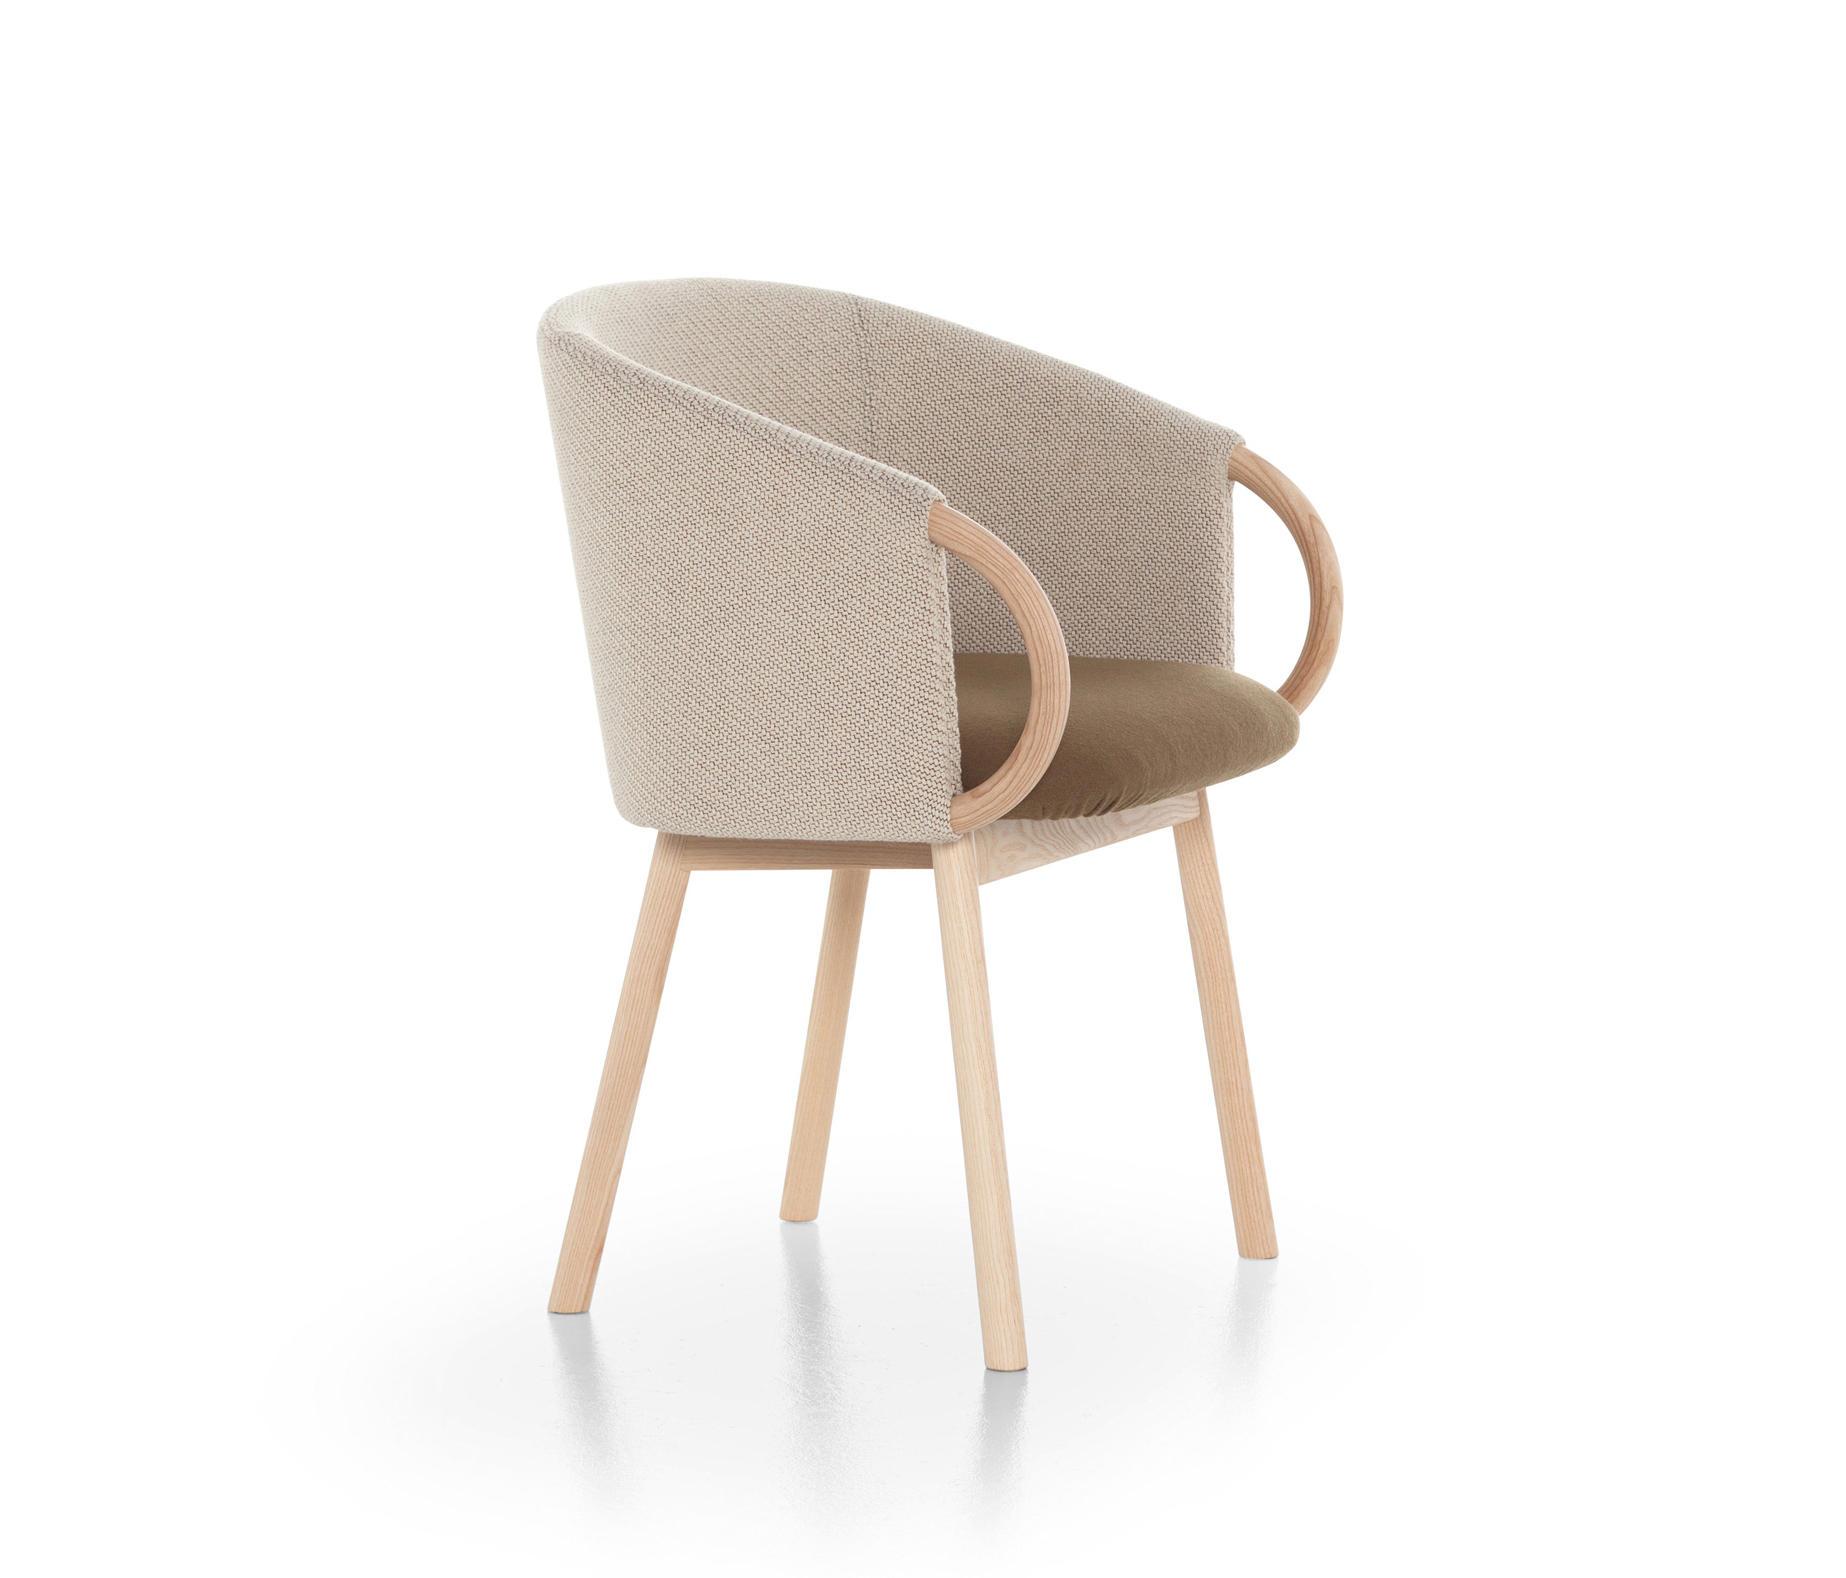 ZANT 03 - Besucherstühle von Very Wood | Architonic